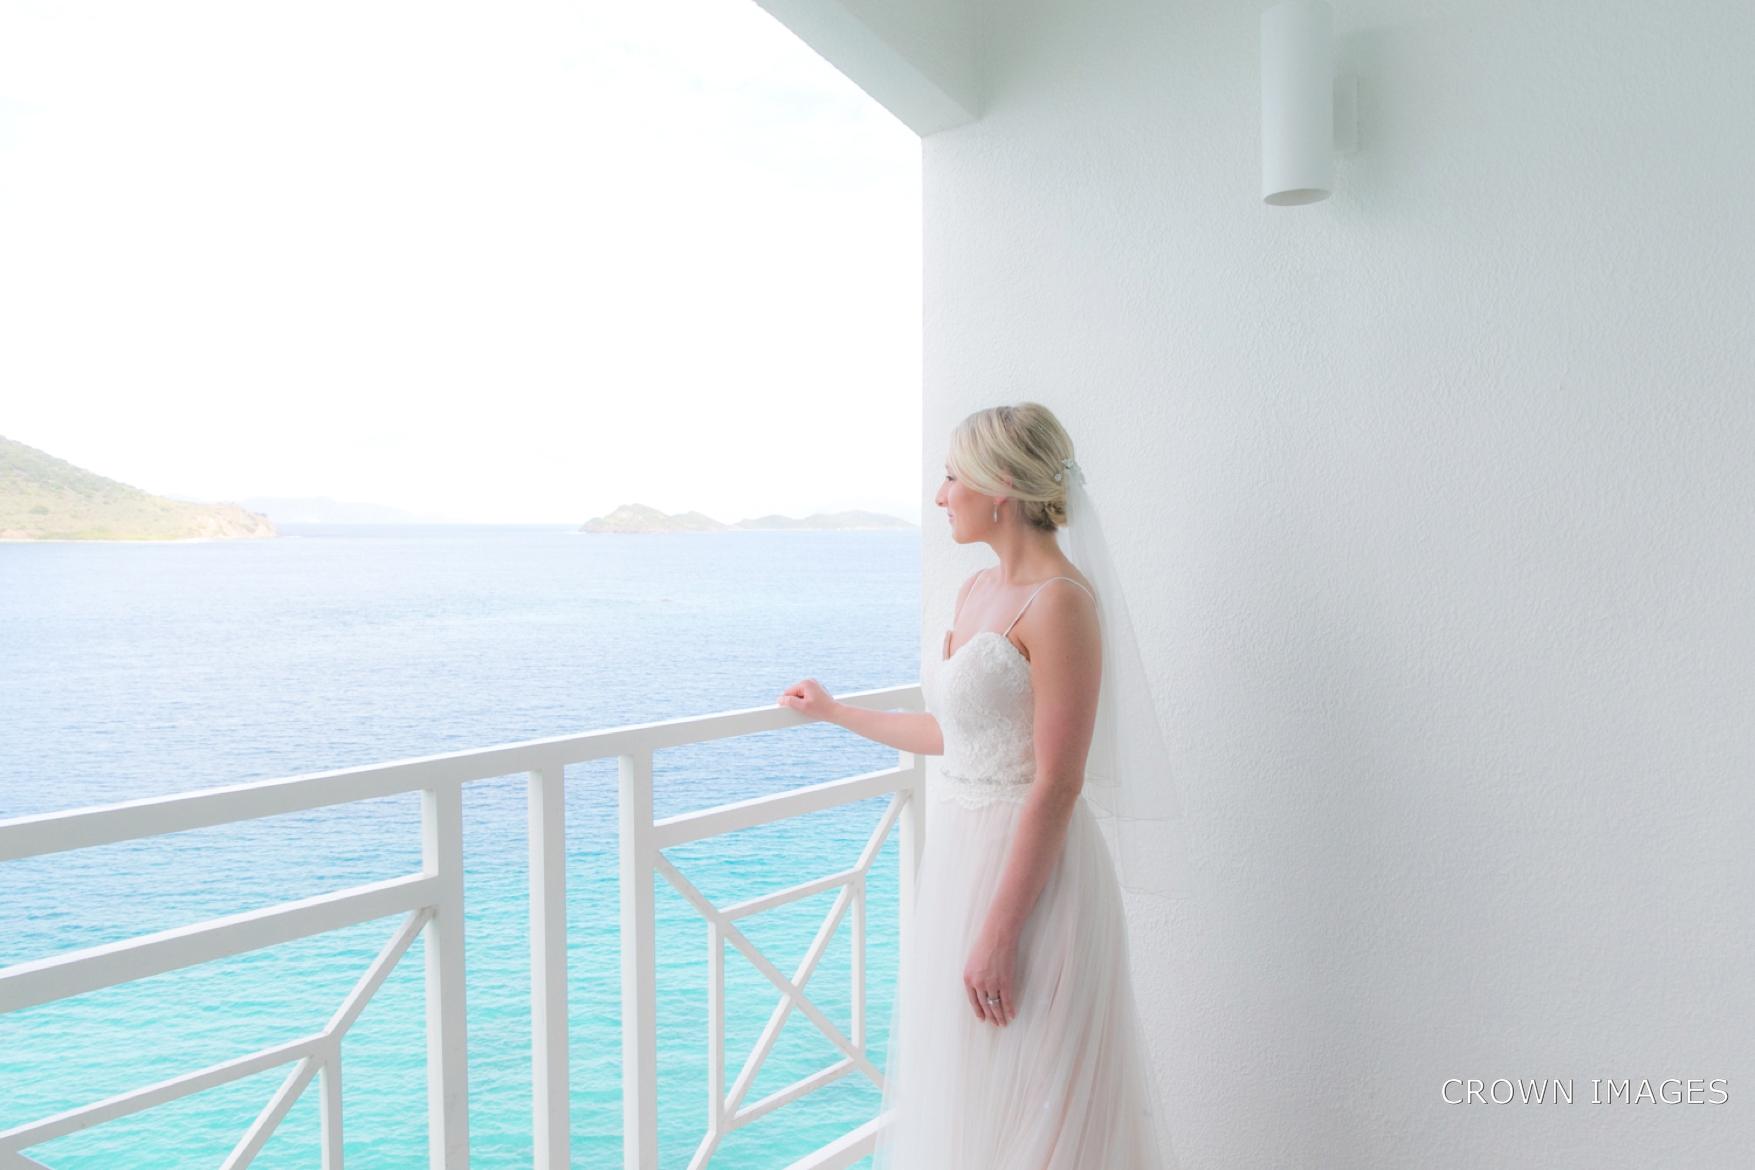 virgin_islands_wedding_photographer_0336.jpg